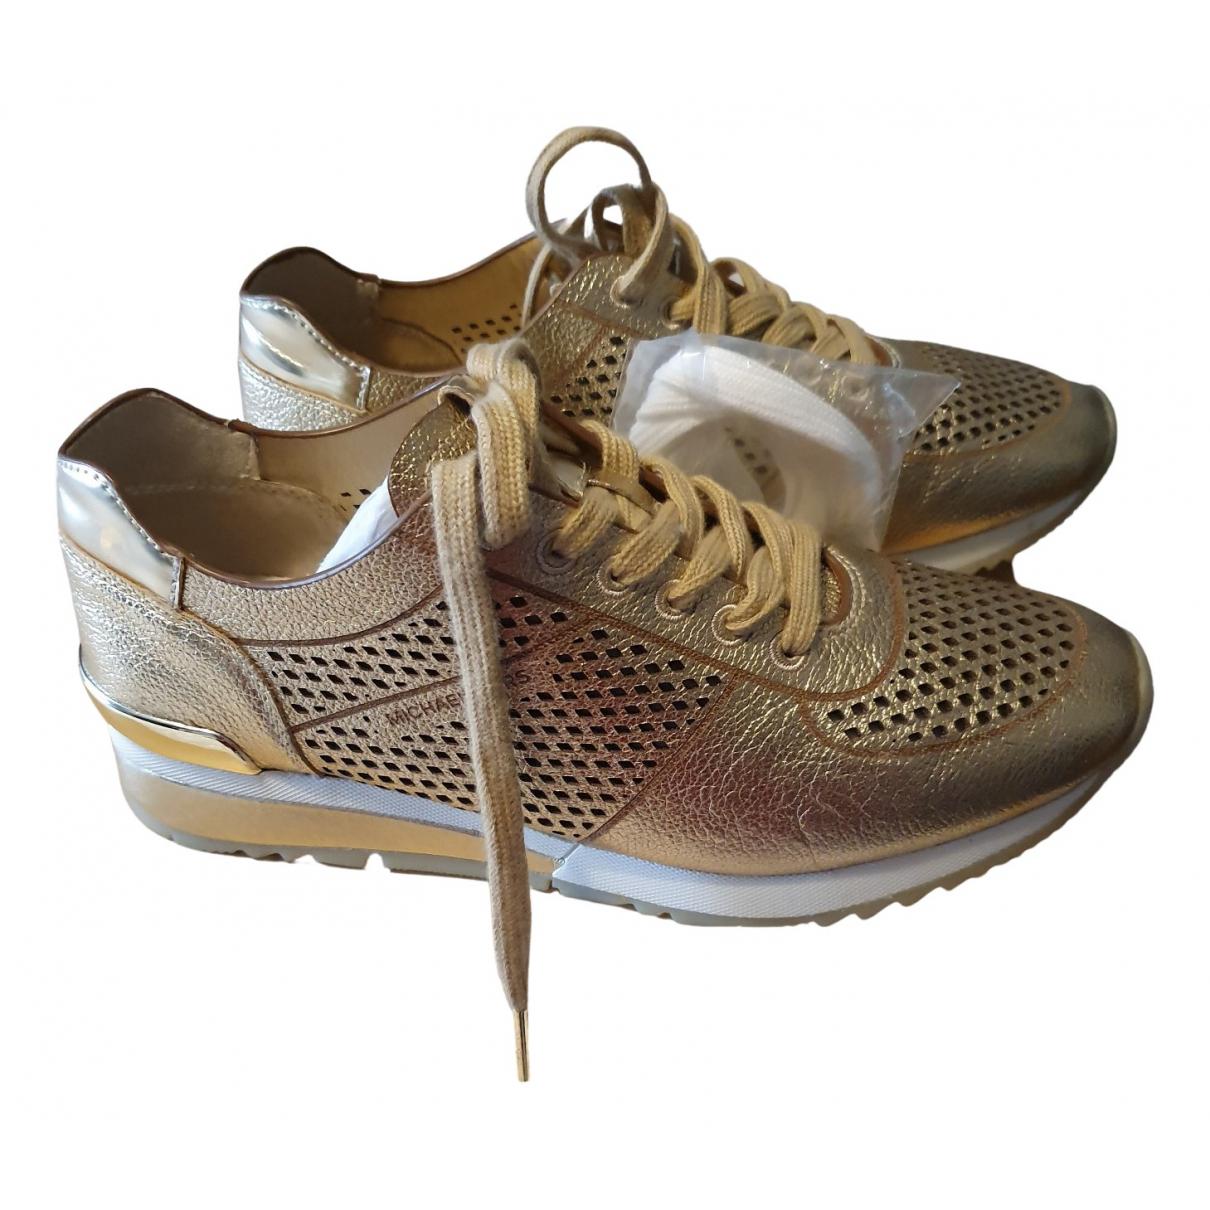 Michael Kors - Baskets   pour femme en cuir - dore